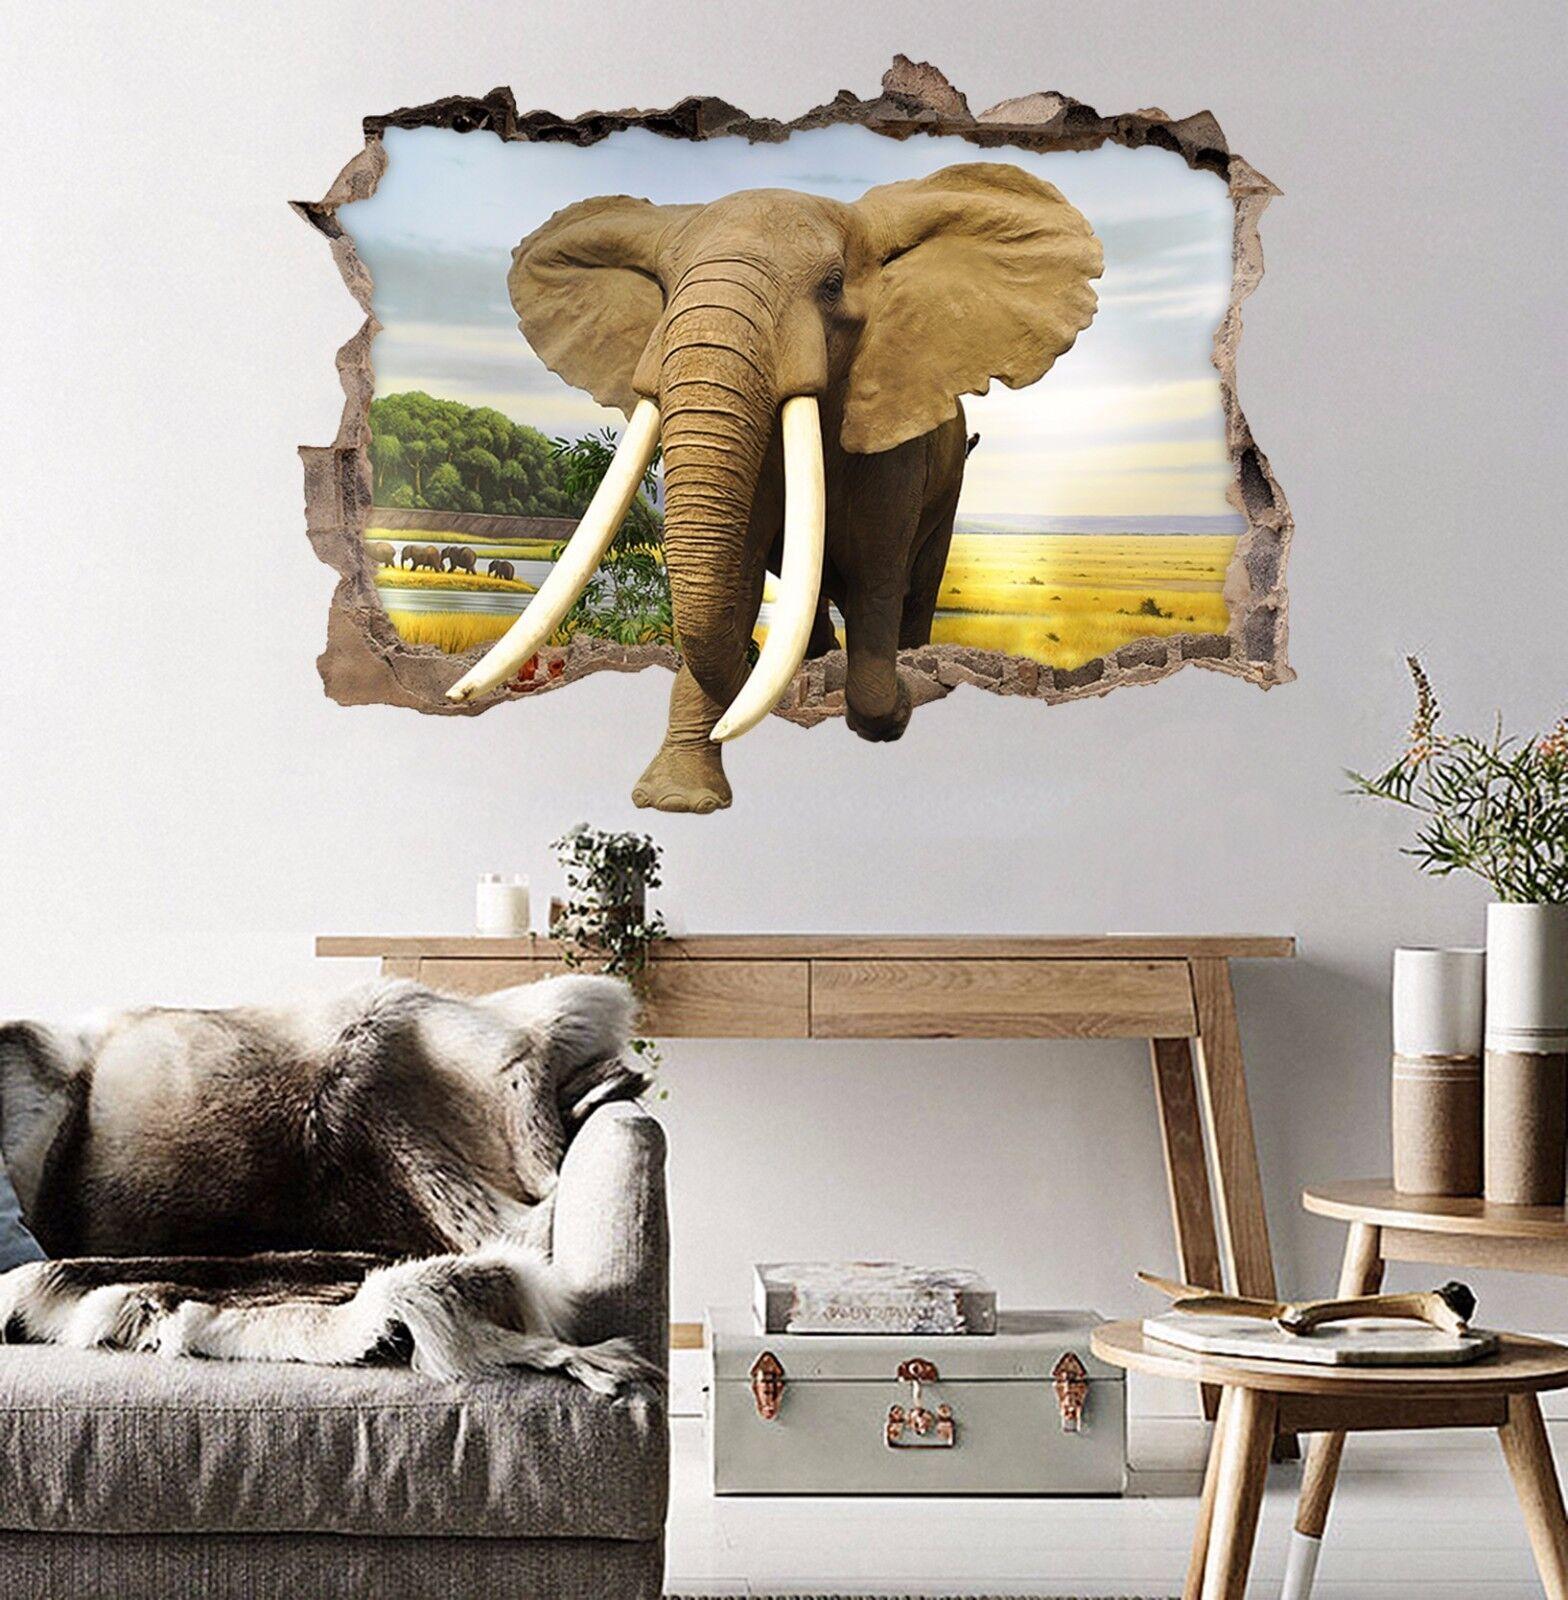 3D Elefanten 733 Mauer Murals Mauer Aufklebe Decal Durchbruch AJ WALLPAPER DE